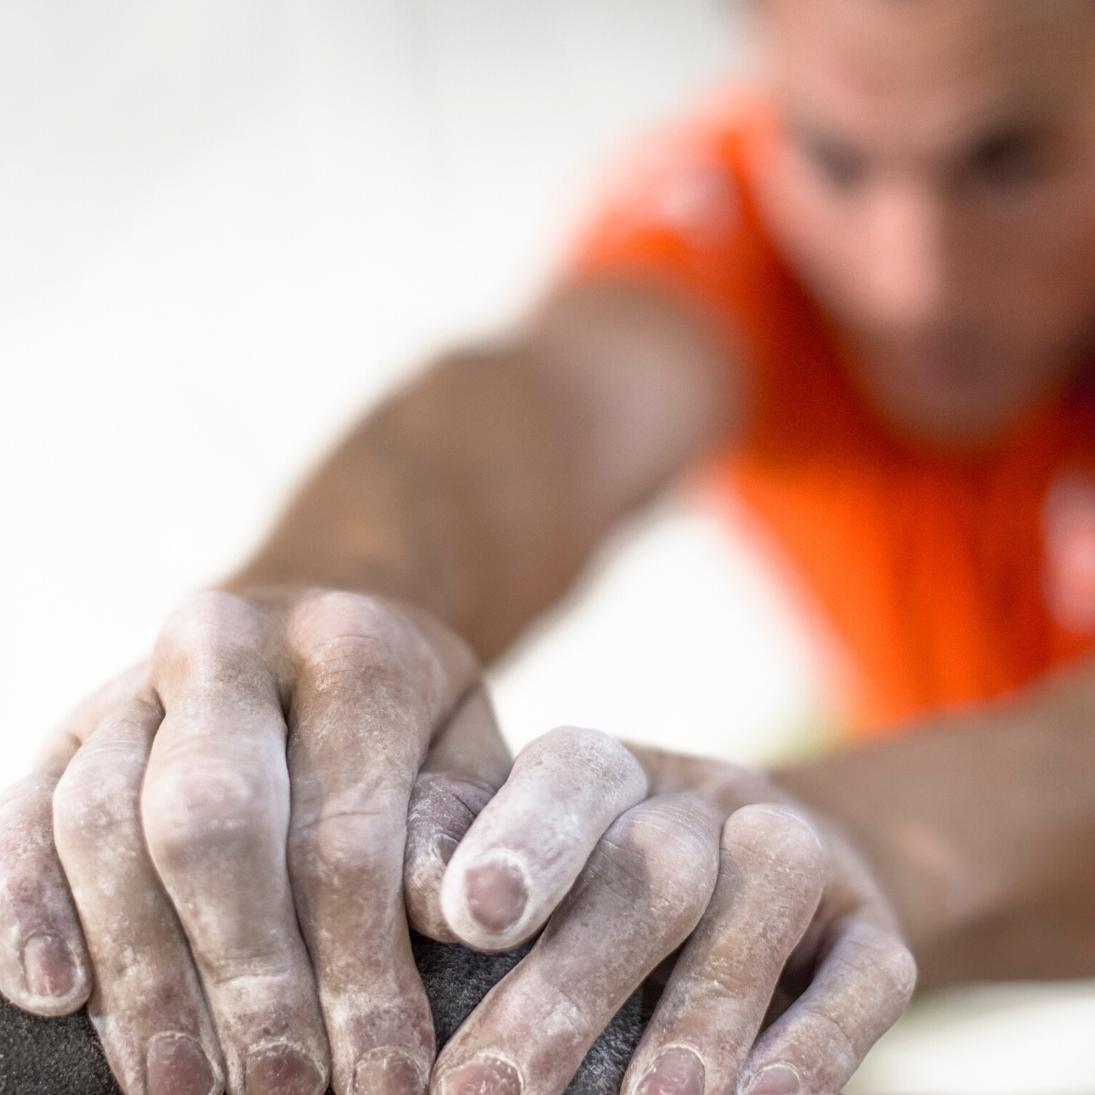 Sådan undgår du klatreskader - Er der sammenhæng mellem klatreevne og skadefrekvens?